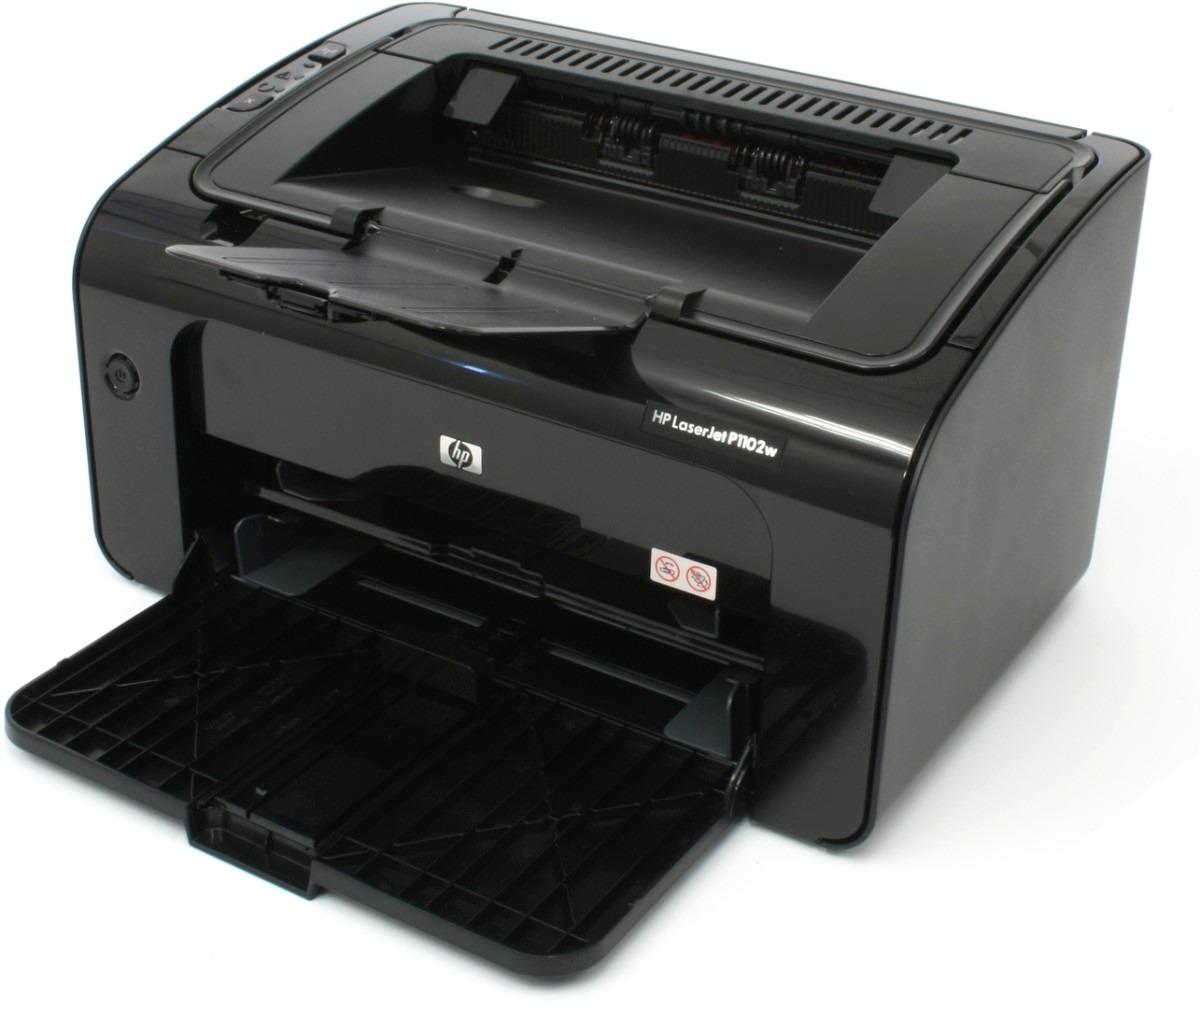 HP LaserJet P1102.jpg